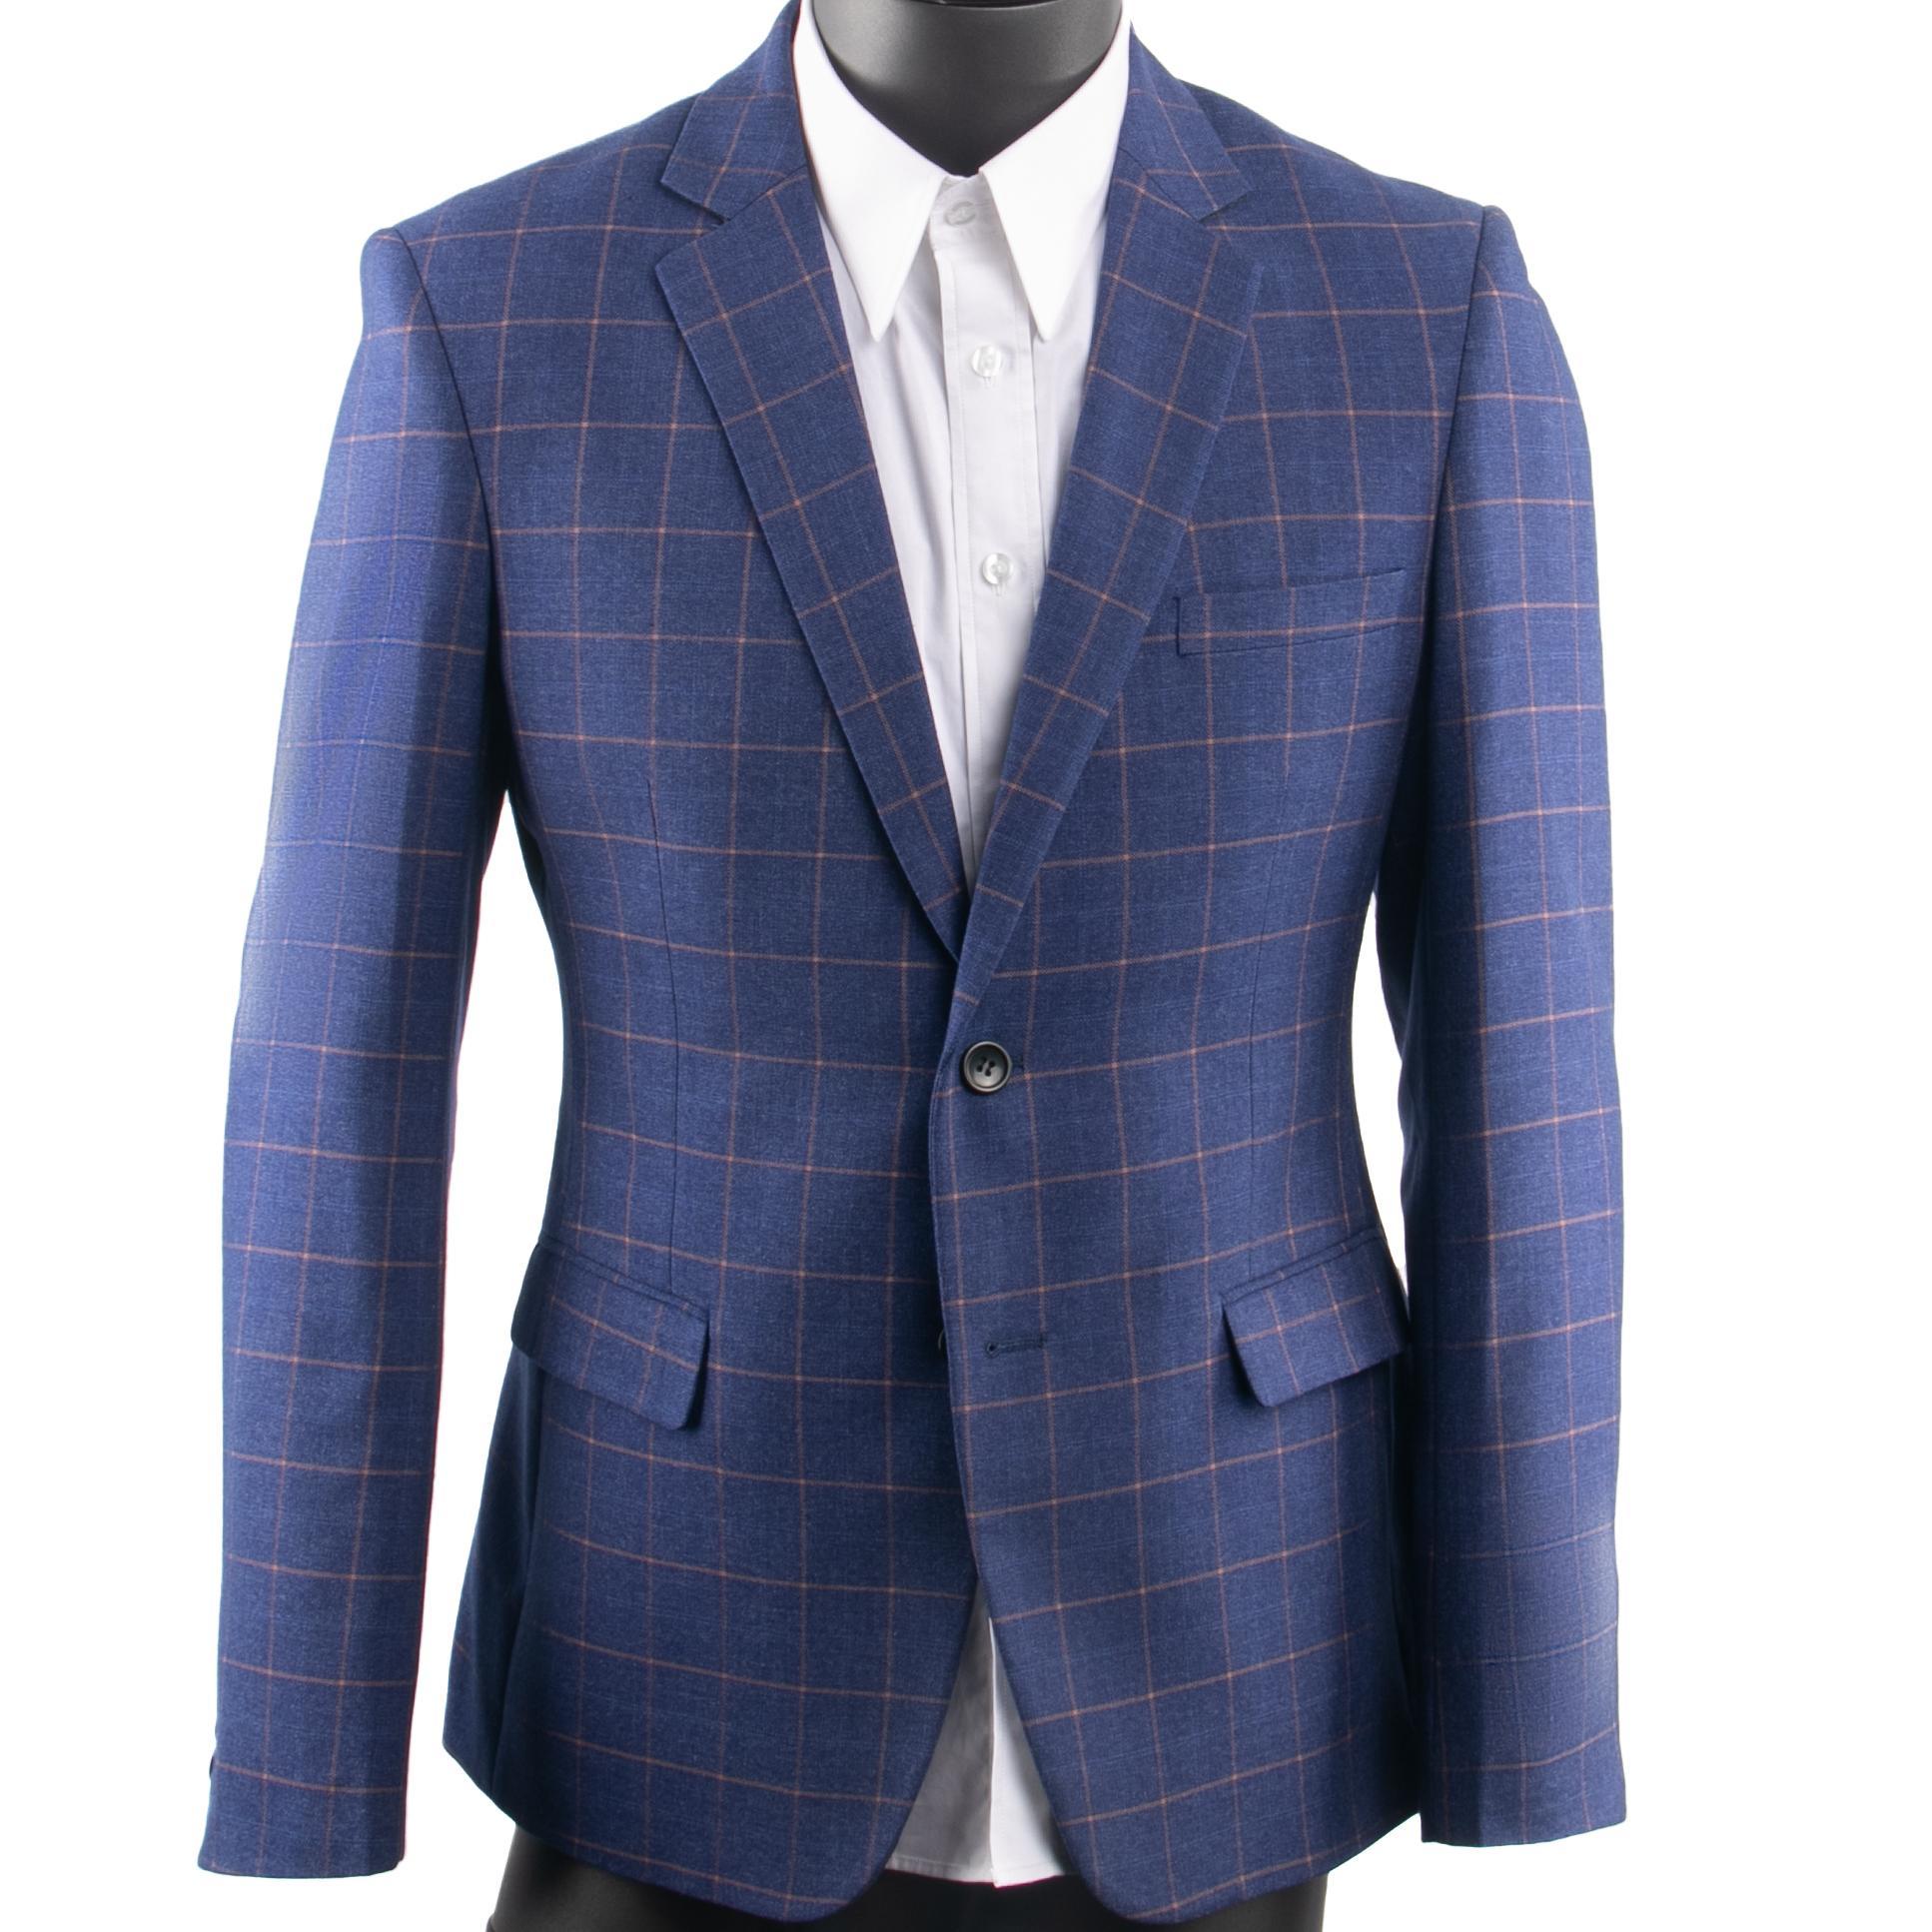 Dark Blue Checkered Anzug Männer Blau karierte Anzug Tailor Made Men Style Checkered Kleid Anzughose, 2019 Mode Kostüm Sure Mesure